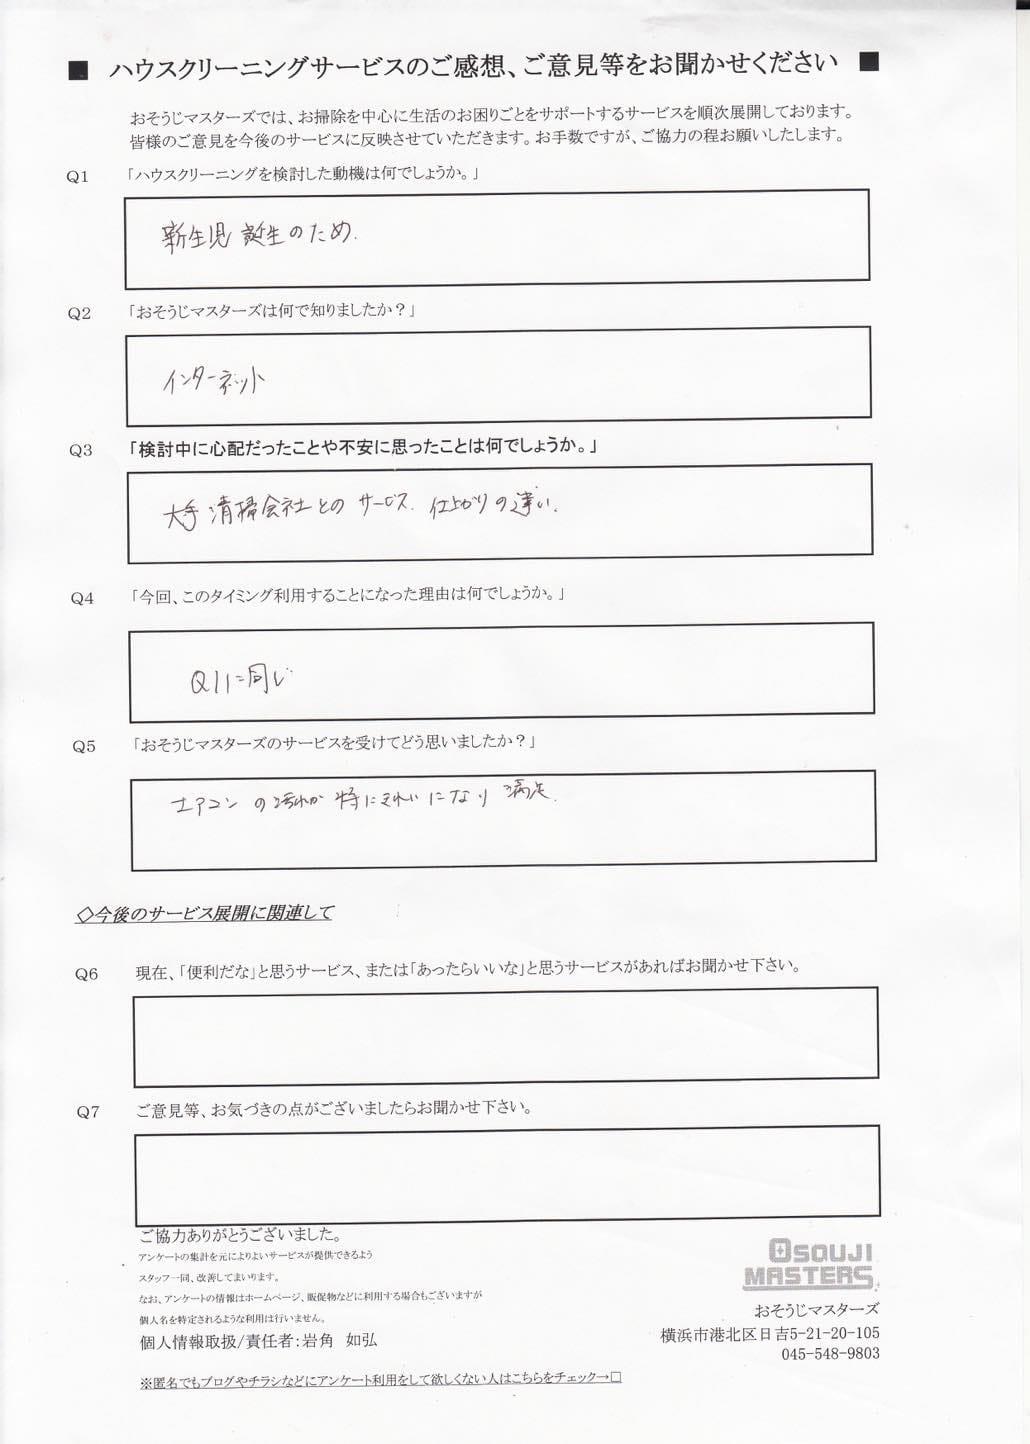 2015/07/23 浴室 エアコンクリーニング 横浜市旭区